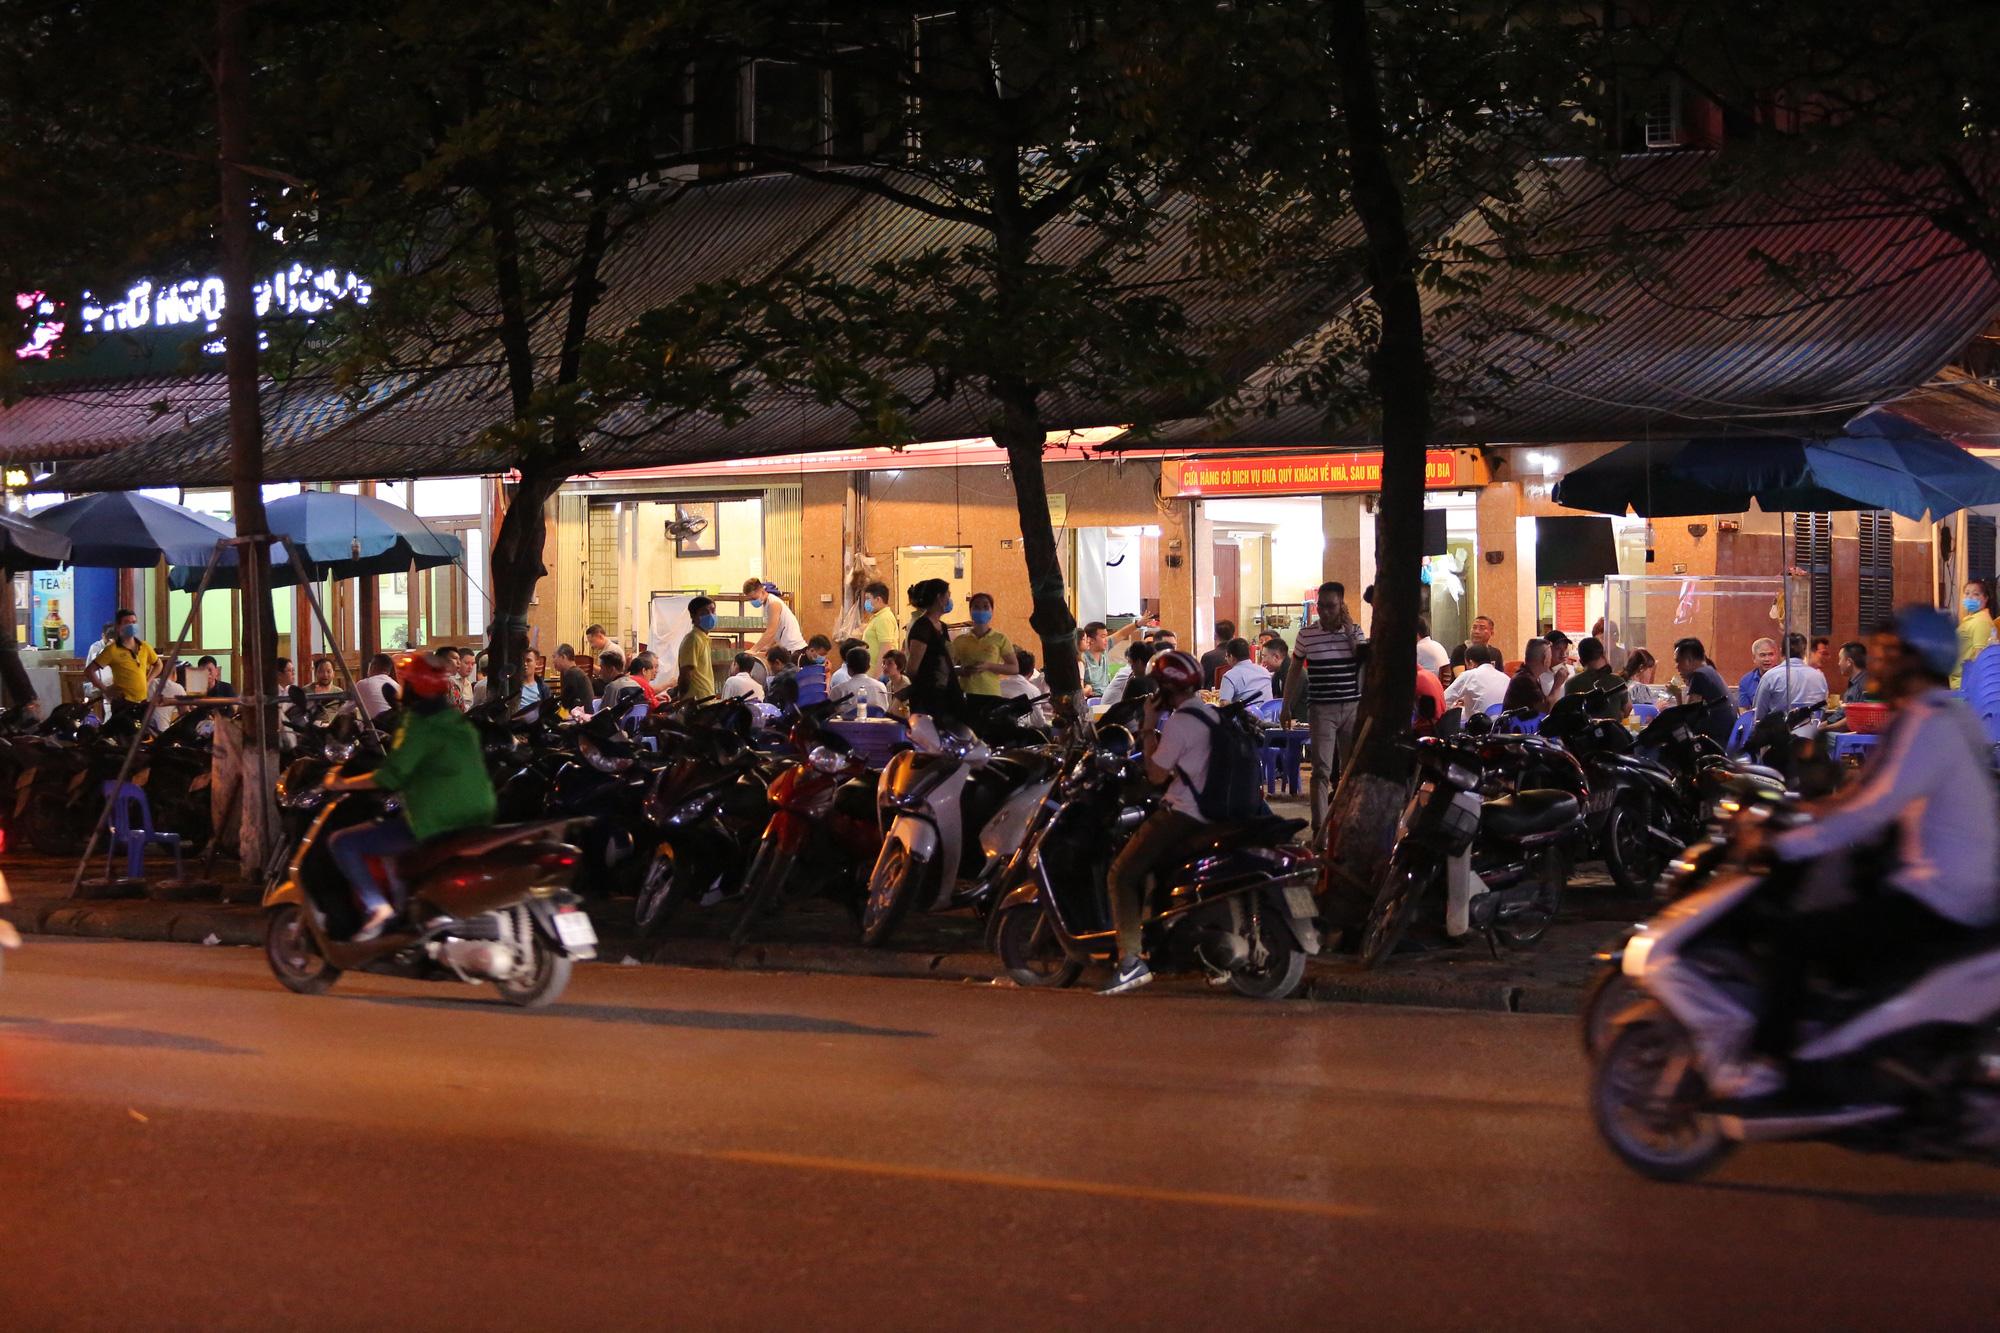 Bất chấp 'lệnh cấm', nhiều quán nhậu Hà Nội vẫn tấp nập đón khách - Ảnh 5.